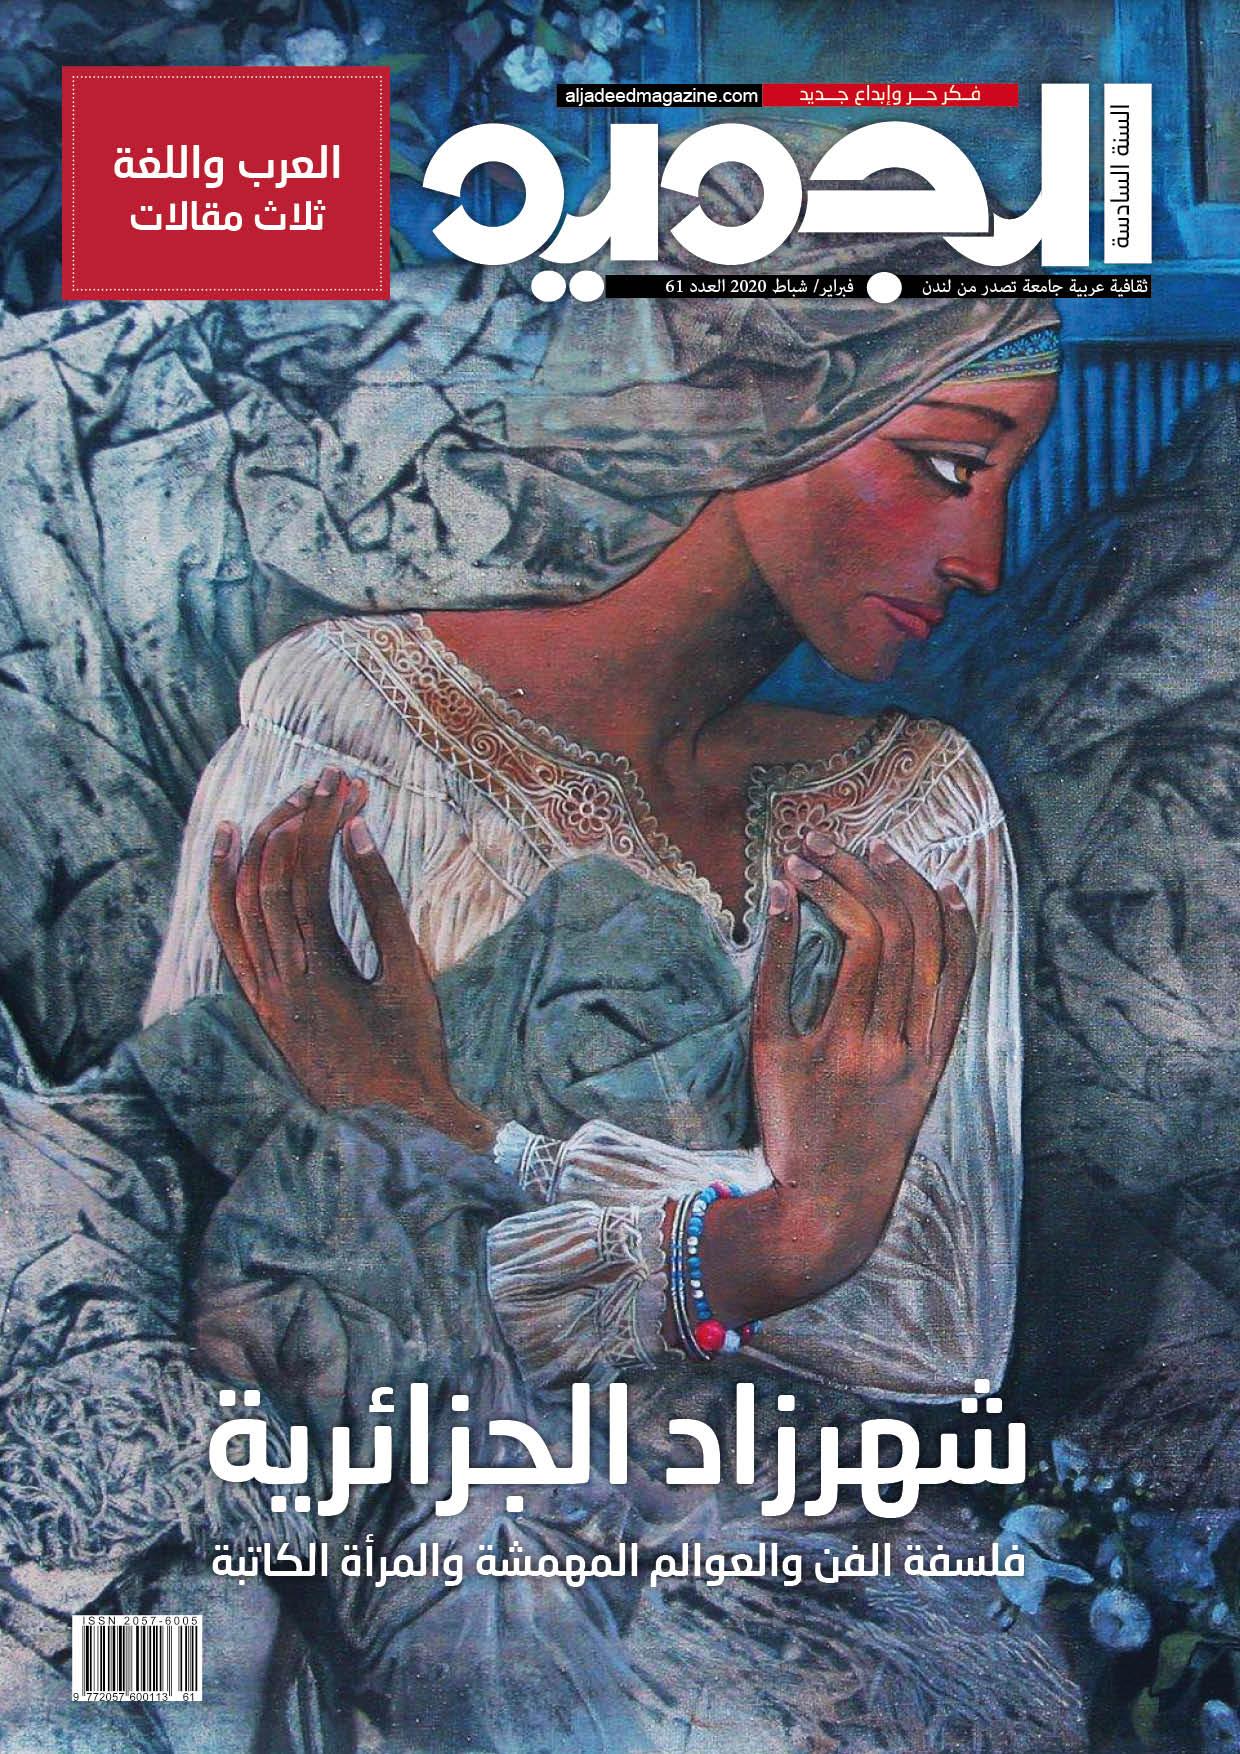 مجلة الجديد الثقافية/ عدد شهر شباط